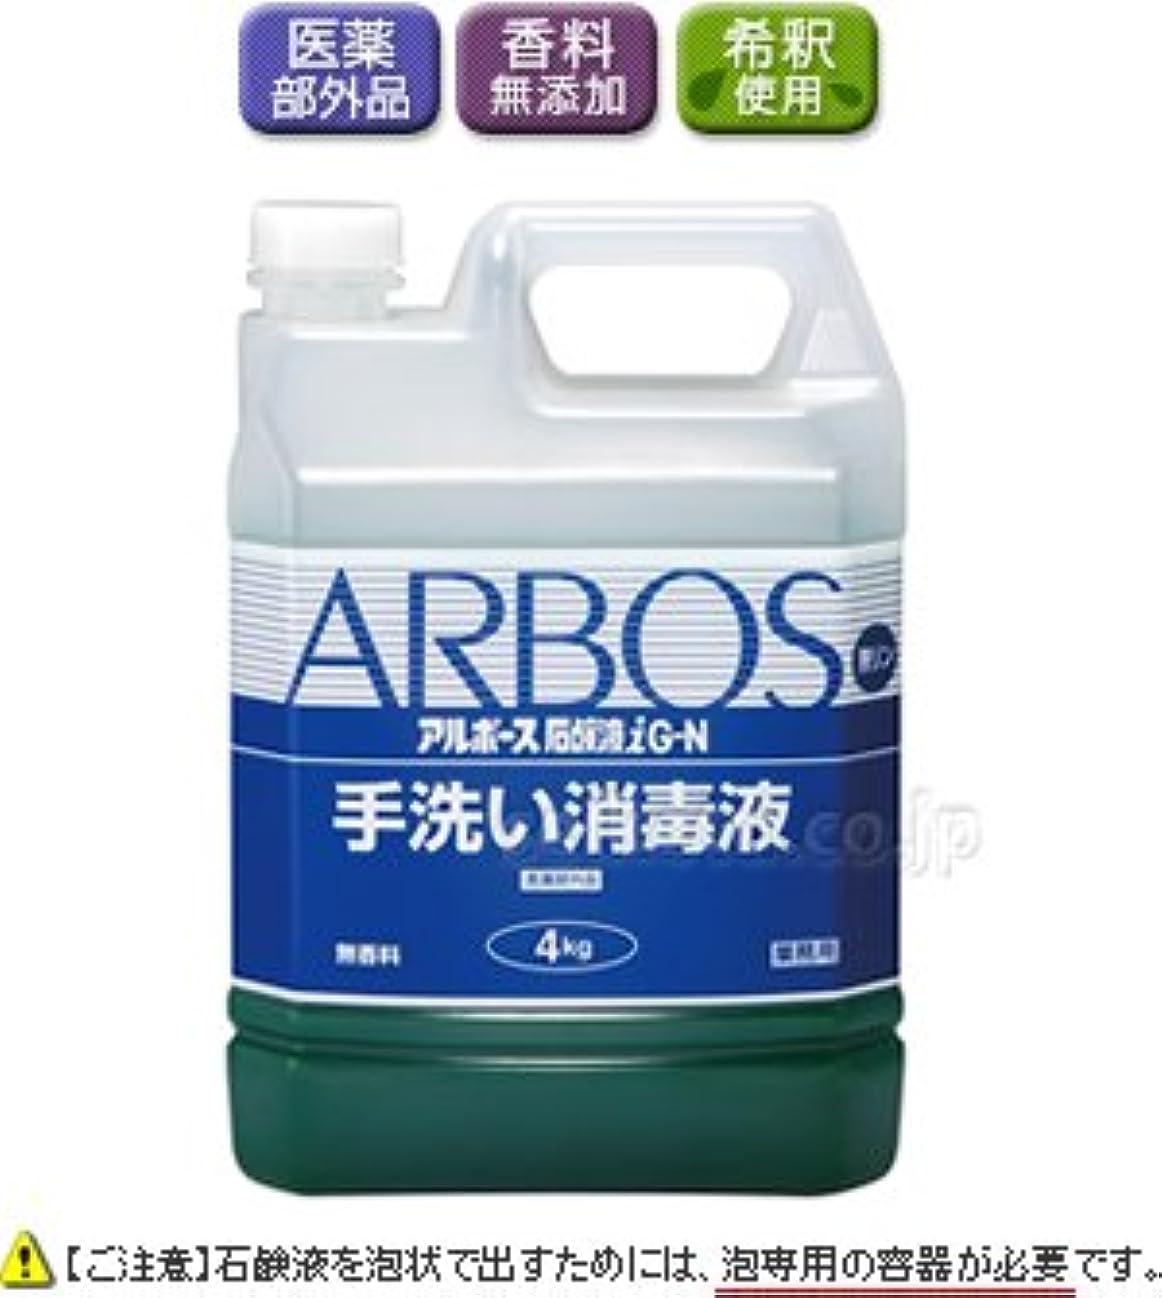 靴下アクロバット弱い【清潔キレイ館】アルボース石鹸液iG-N(4kg×1本)